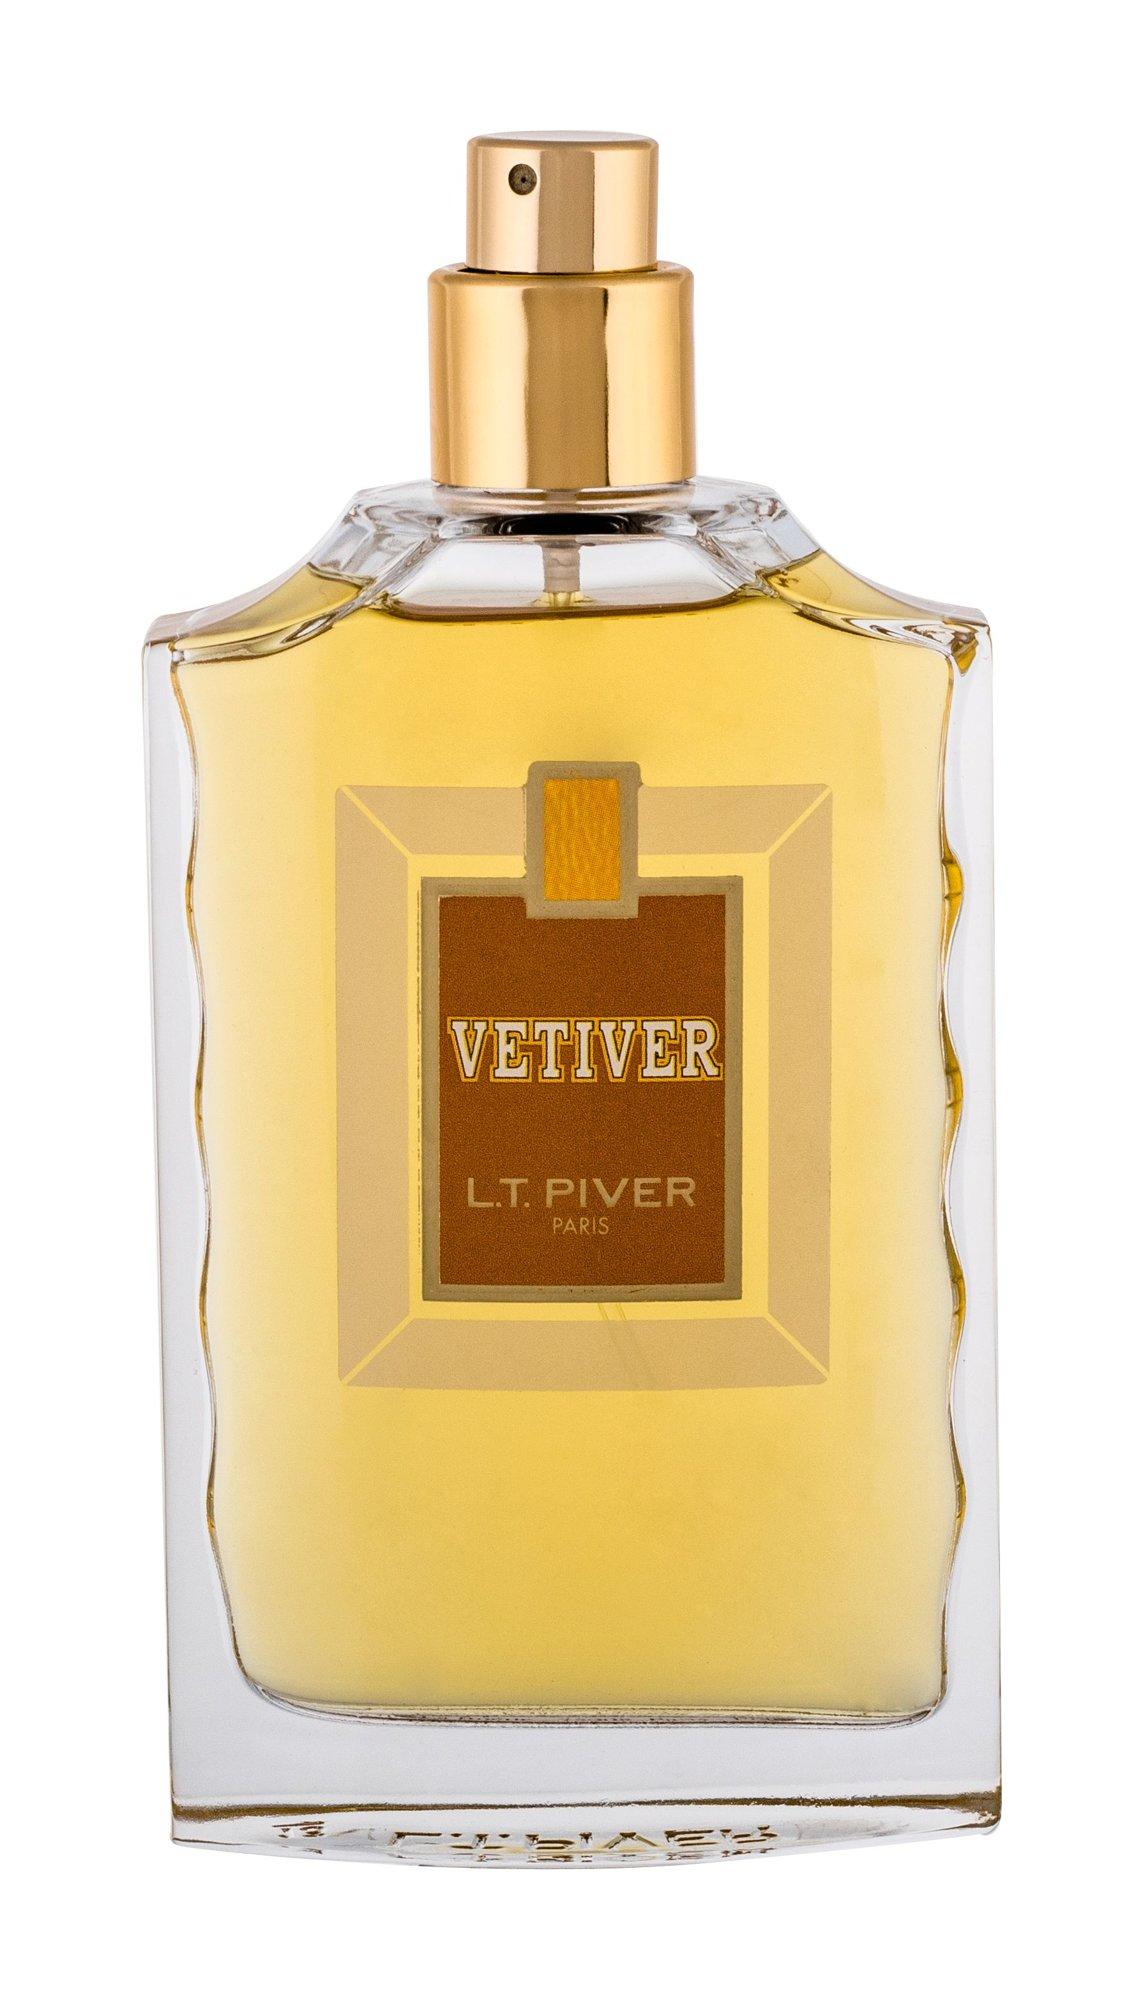 L.T.Piver Vetiver Eau de Toilette 100ml